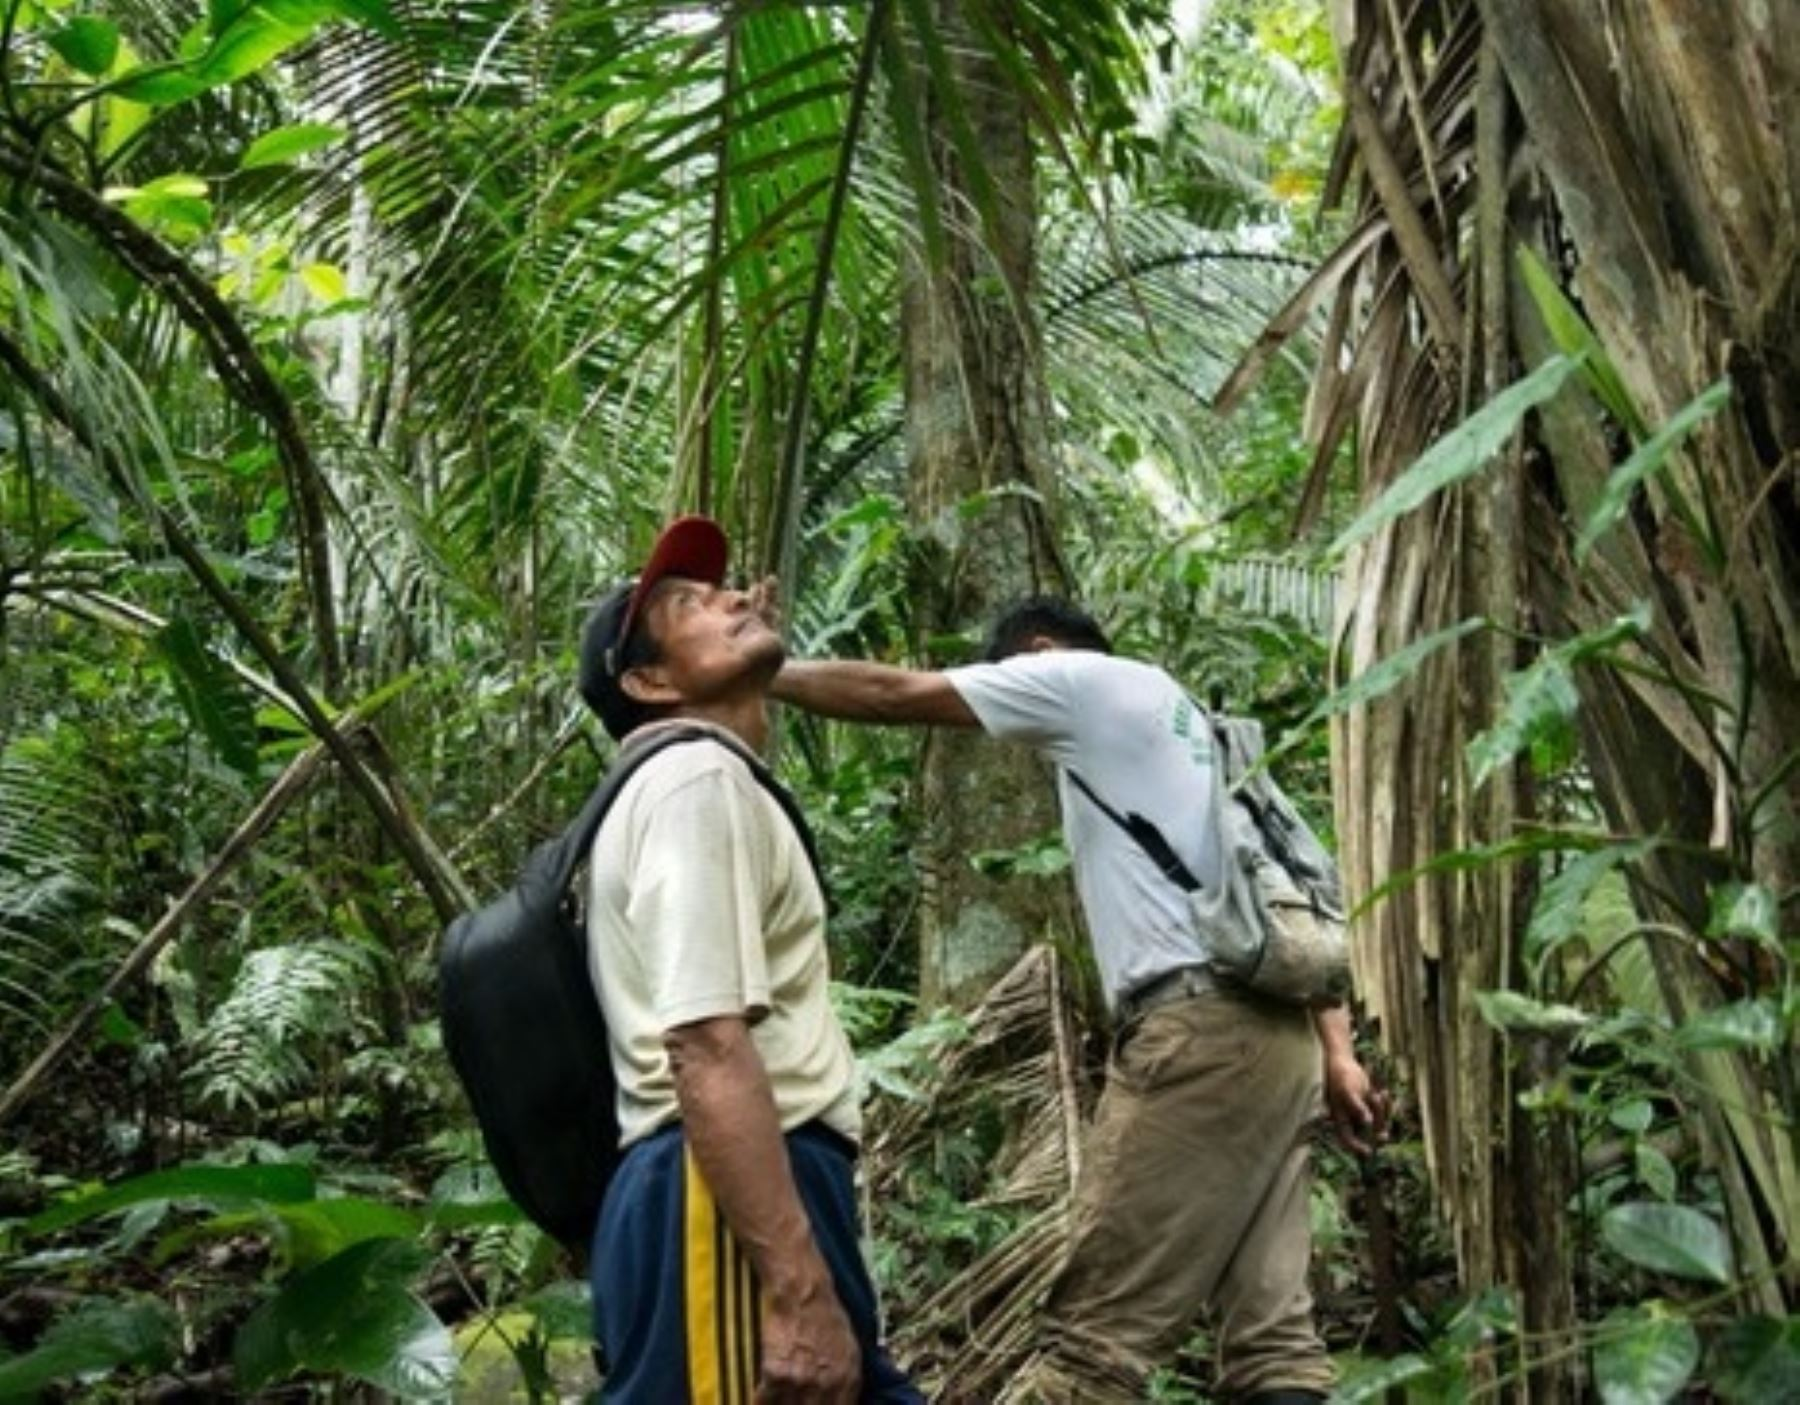 El Ministerio del Ambiente resaltó el mecanismo aprobado por el Gobierno que garantiza los derechos de los defensores ambientales. ANDINA/Difusión